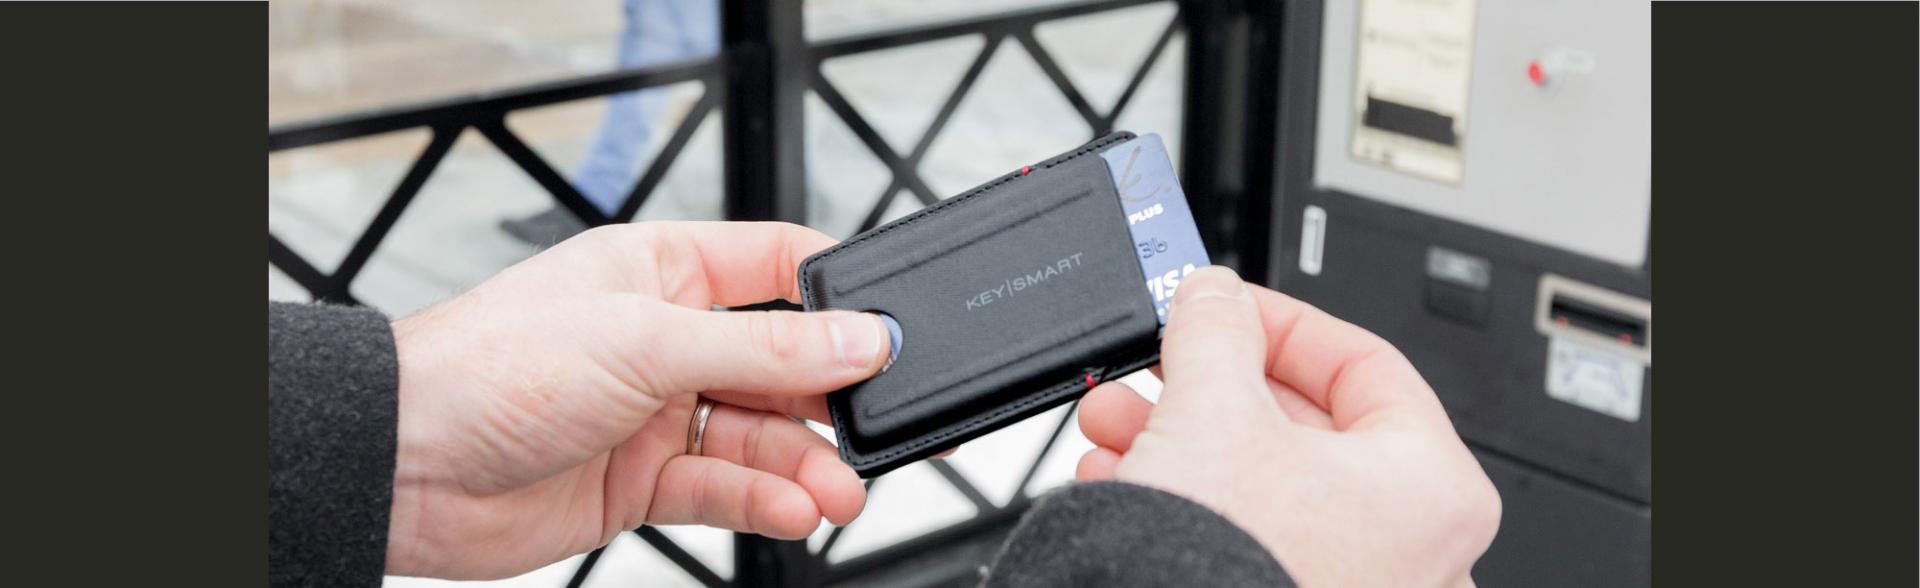 Urban Wallet met RFID blokker